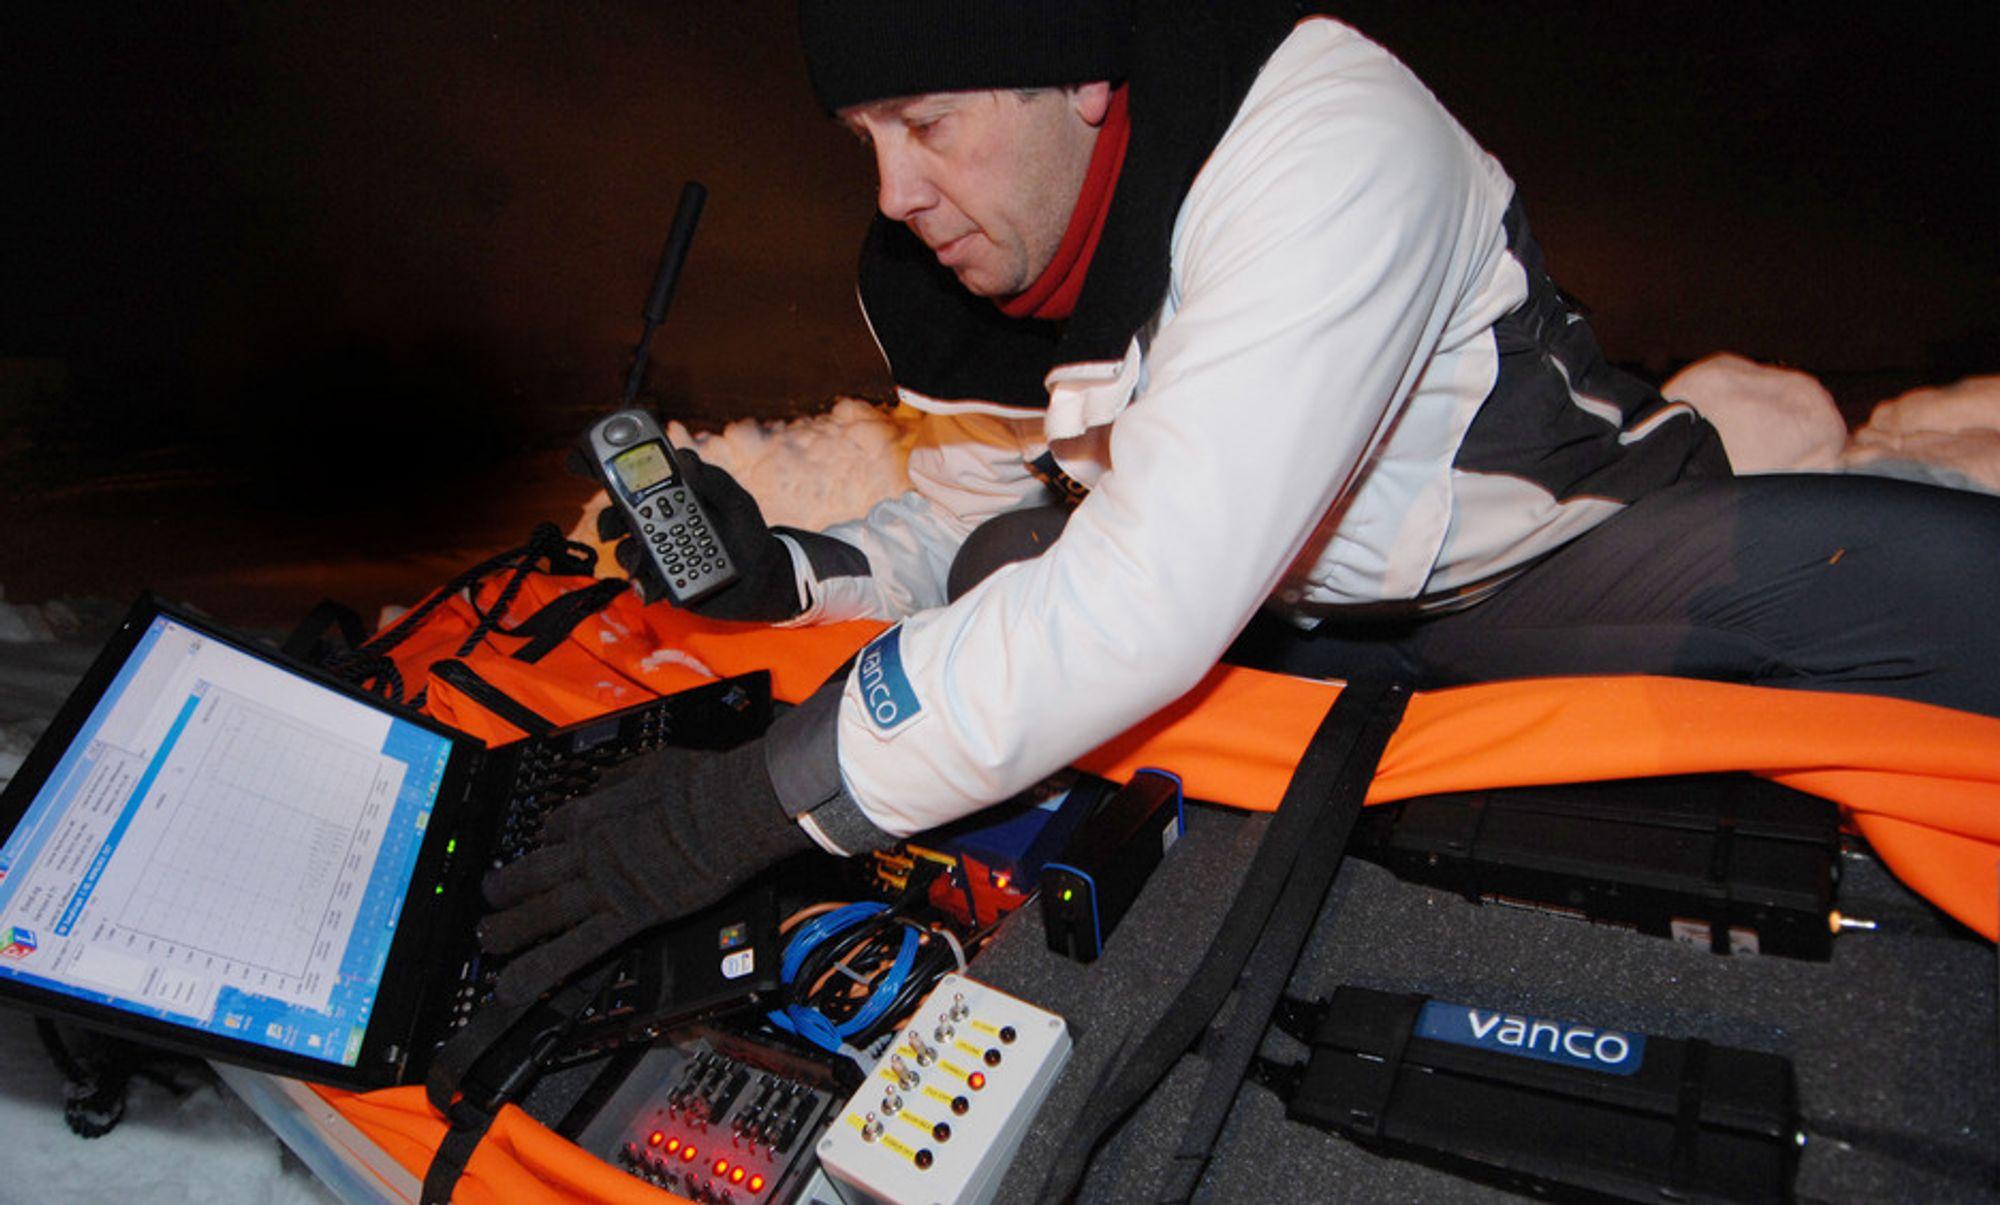 Ekspedisjonsleder Pen Headow tester det nye satelittutstyret de skal bruke for å sende multimedierapporter hjem underveis til Nordpolen.